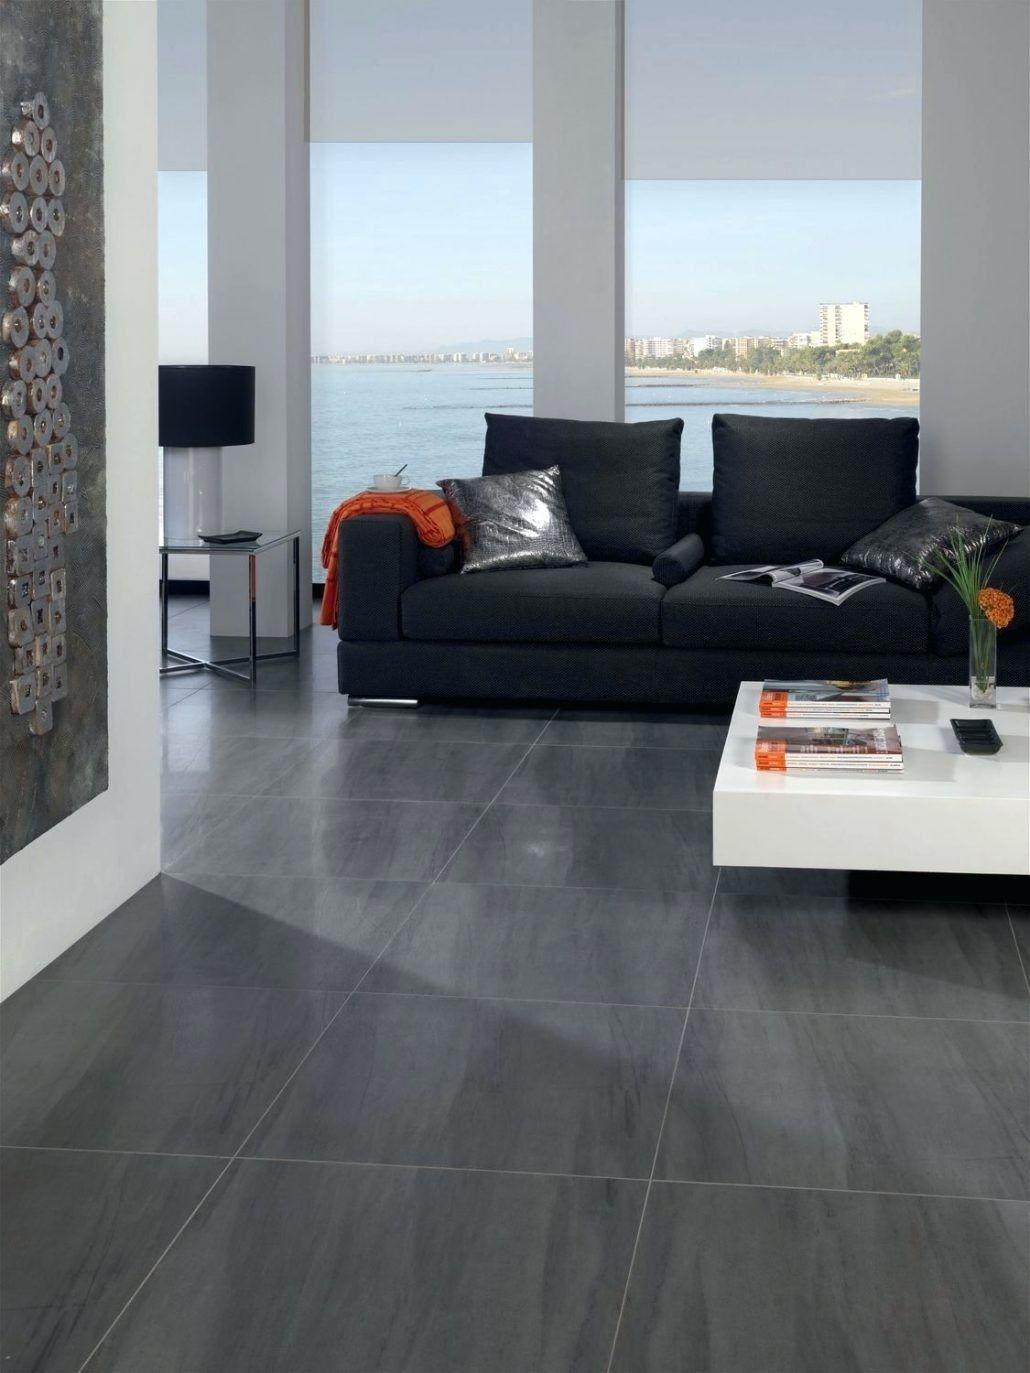 Living Room Floor Tile Design Ideas Unique Ceramic Tiles In